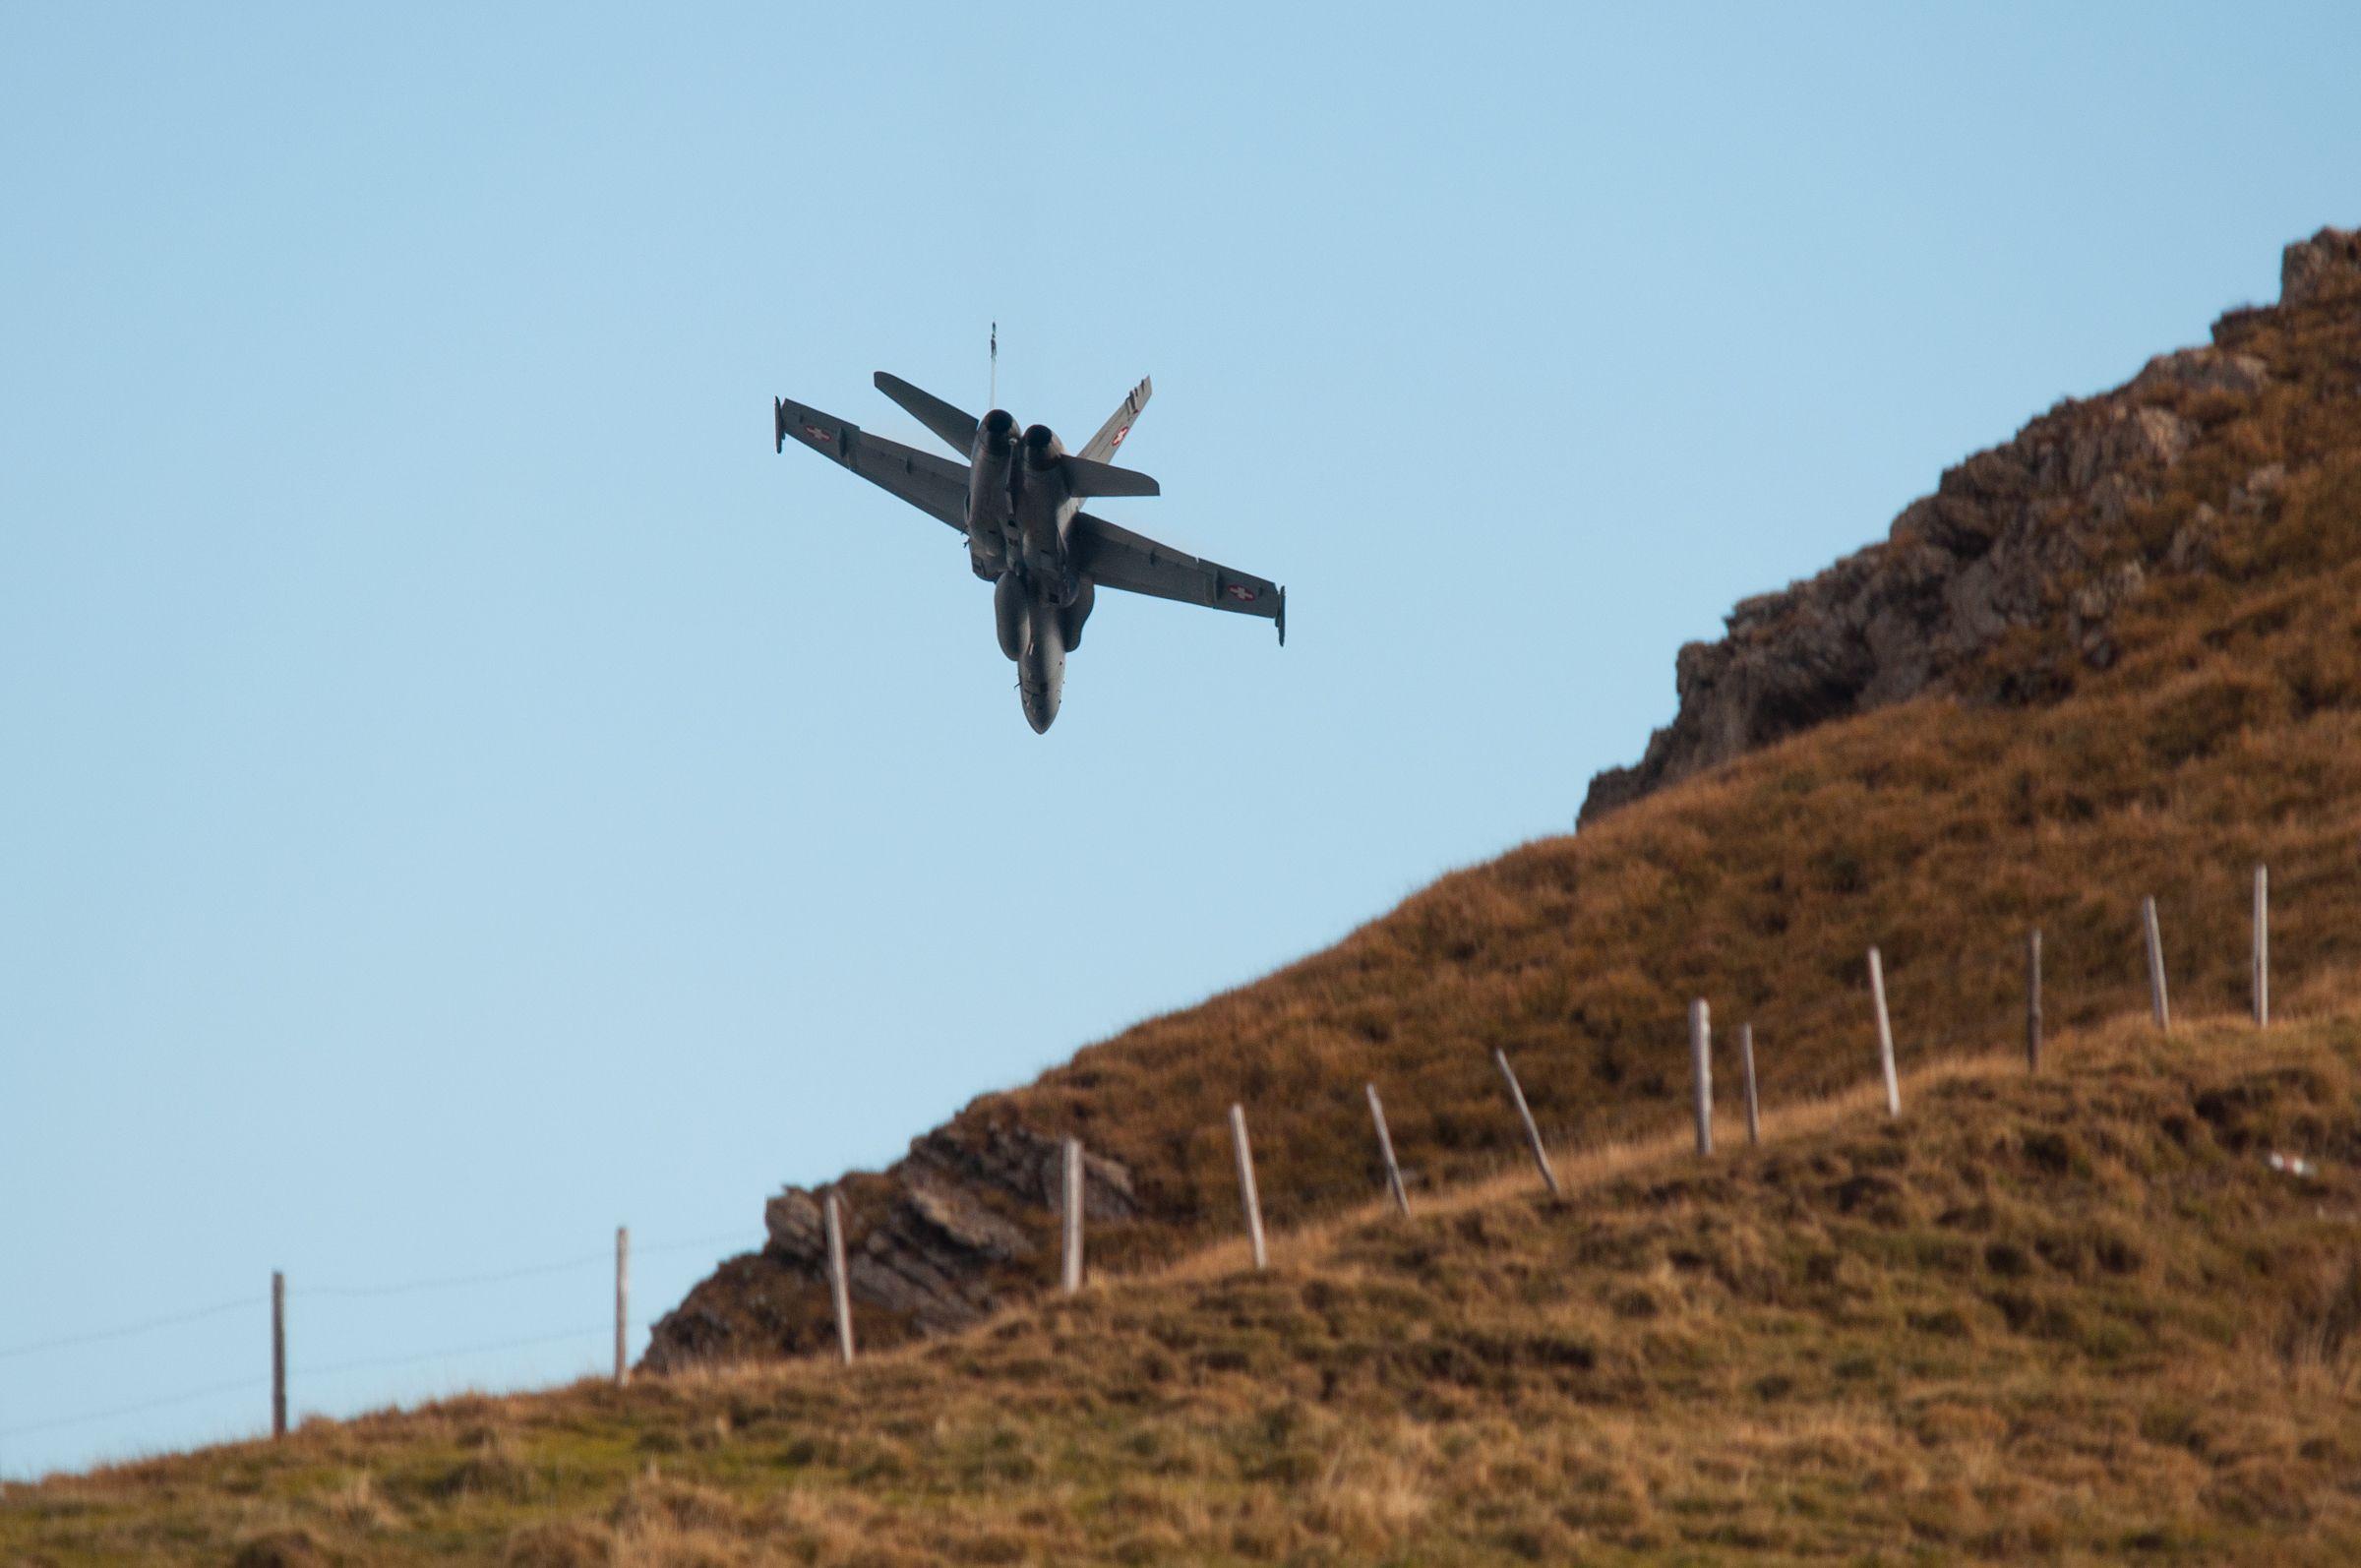 Air force live fire event Axalp 2012 - 10-11 Oct 2012 - Pagina 2 000177